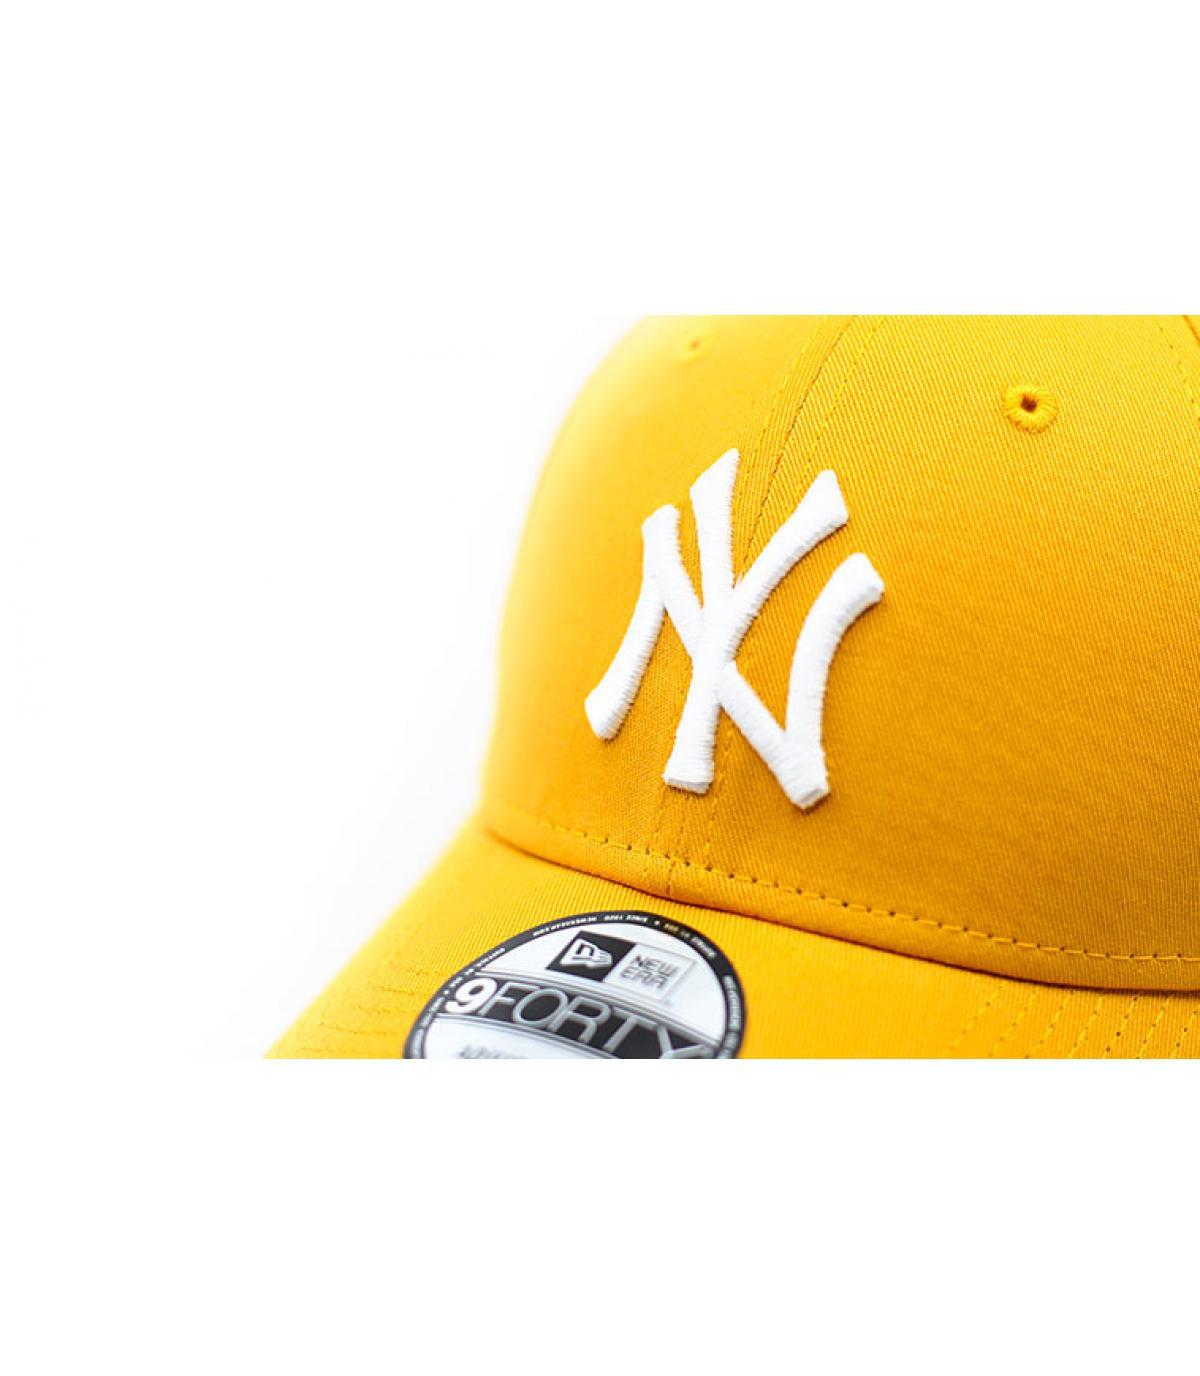 Détails Casquette League Ess 9forty NY butternut - image 3